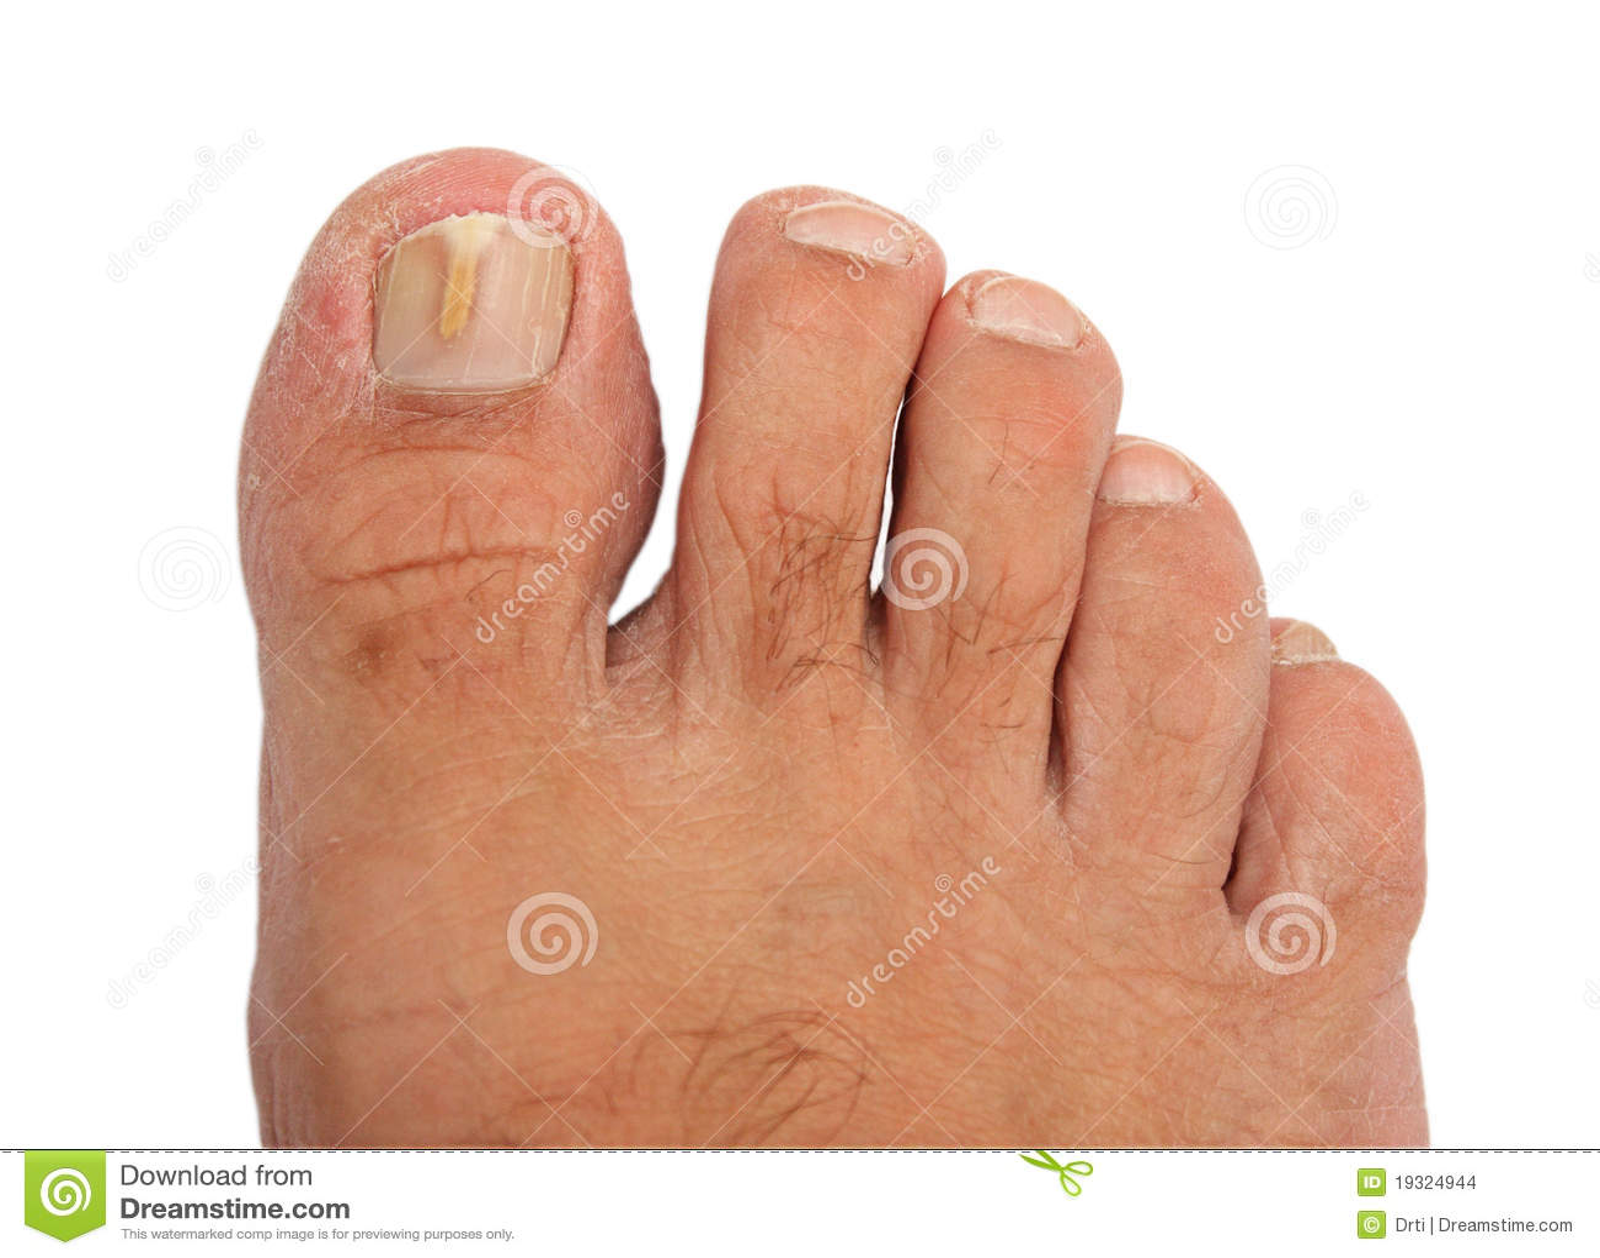 Fungo umido su dita del piede